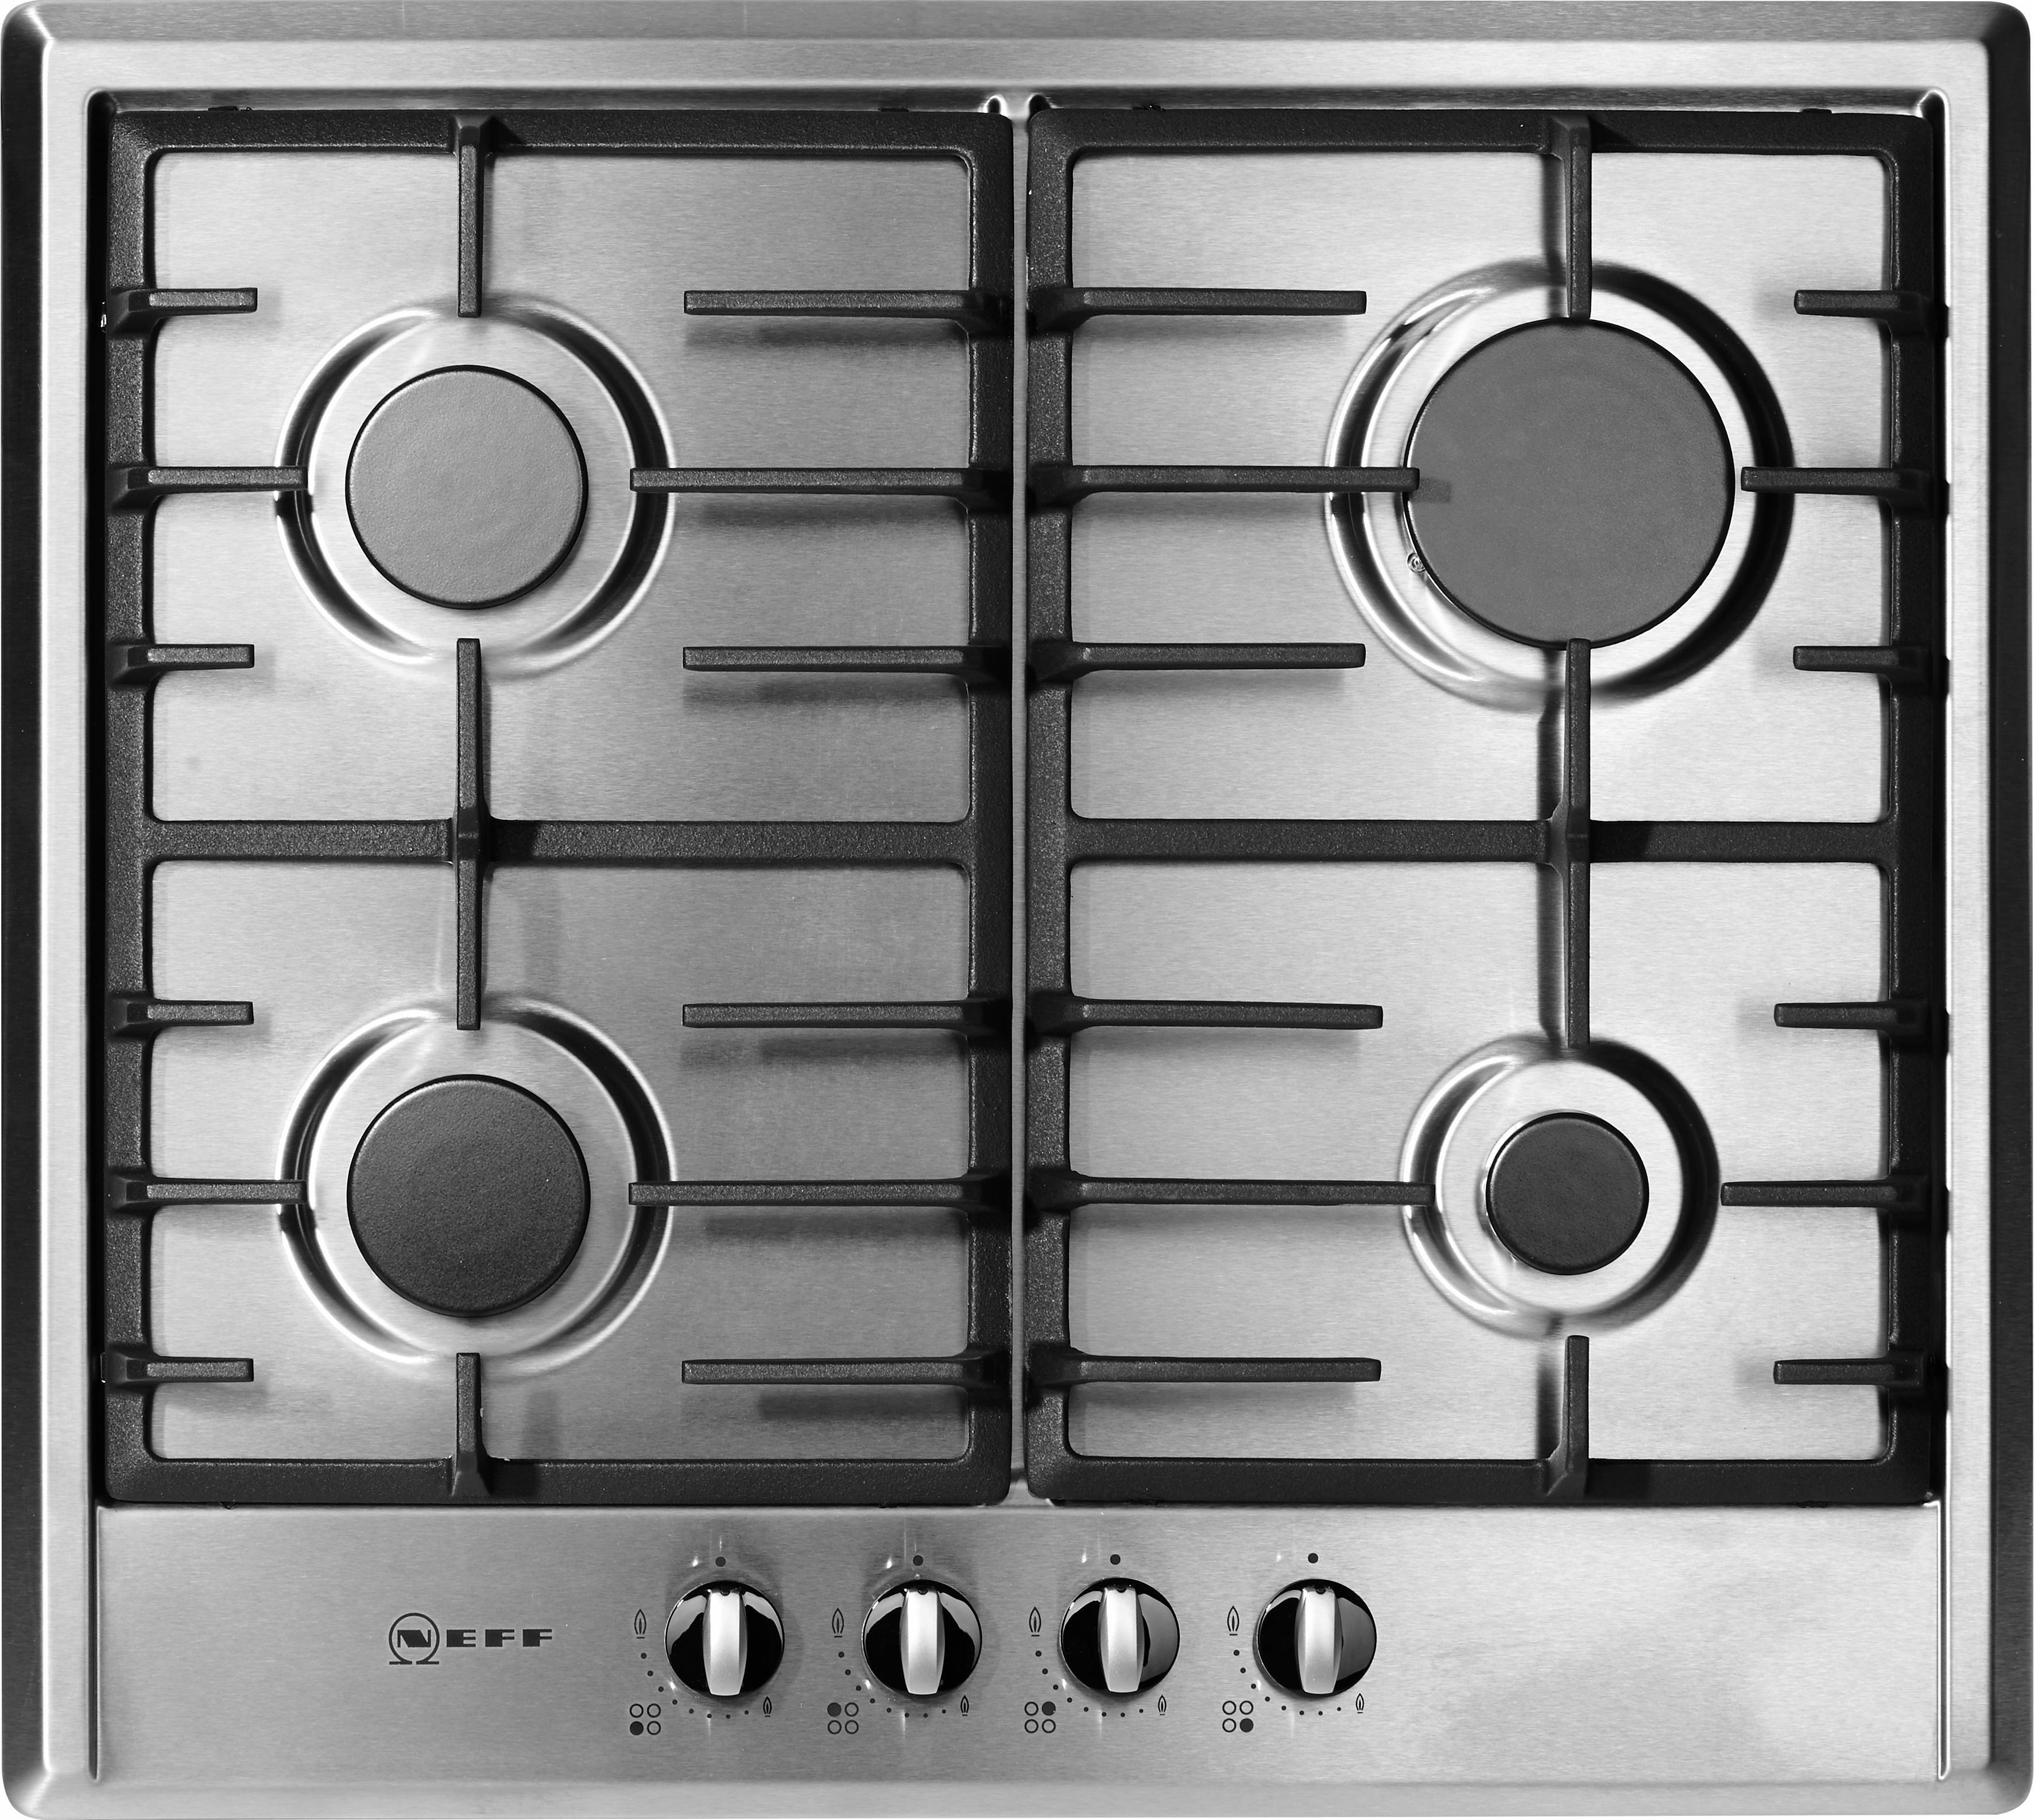 Neff Autarkes Gas-Kochfeld mit integrierten Kochstellenreglern TS 2236 N